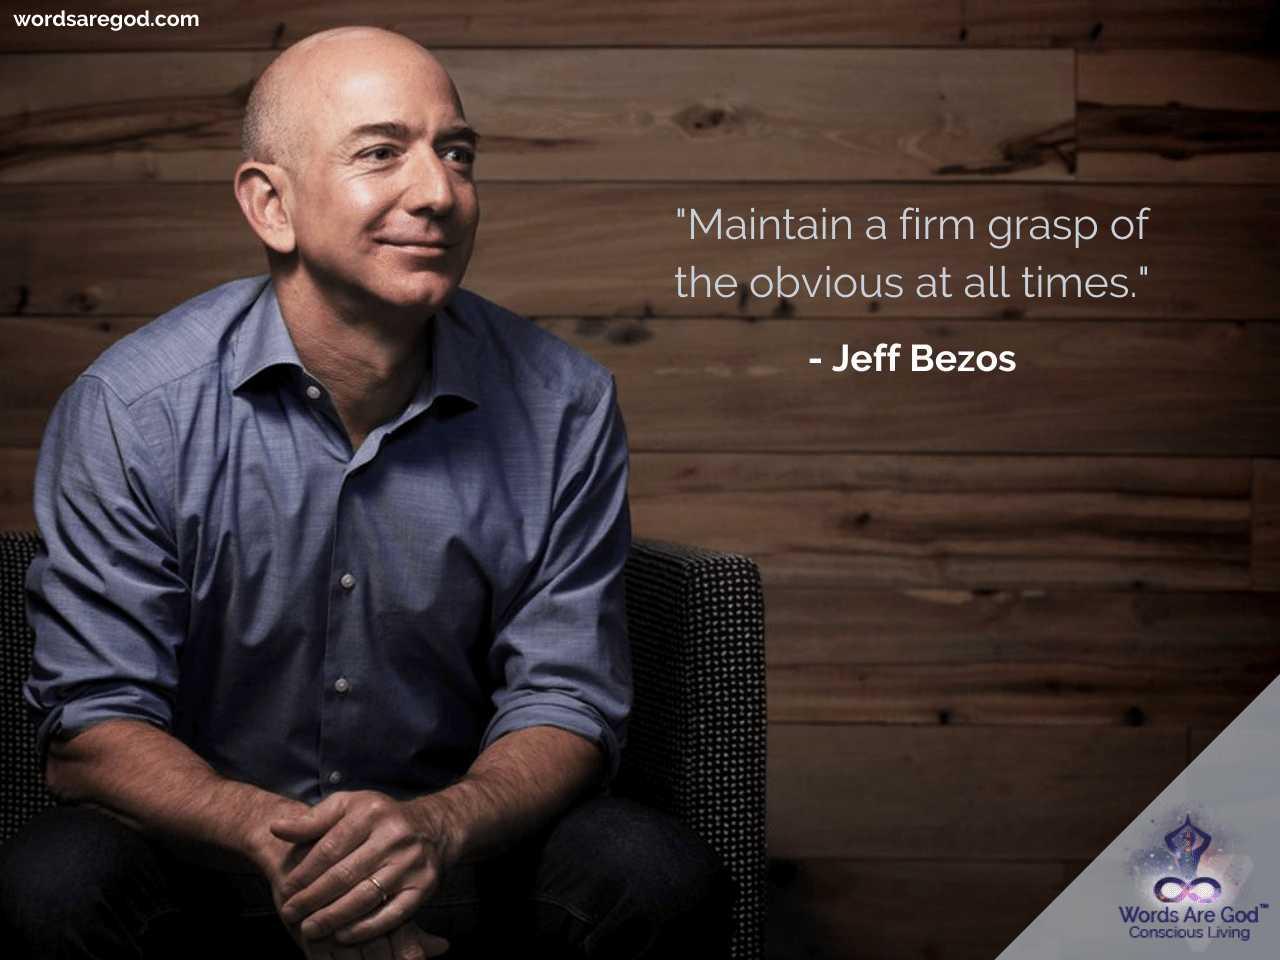 Jeff Bezos Best Quotes by Jeff Bezos